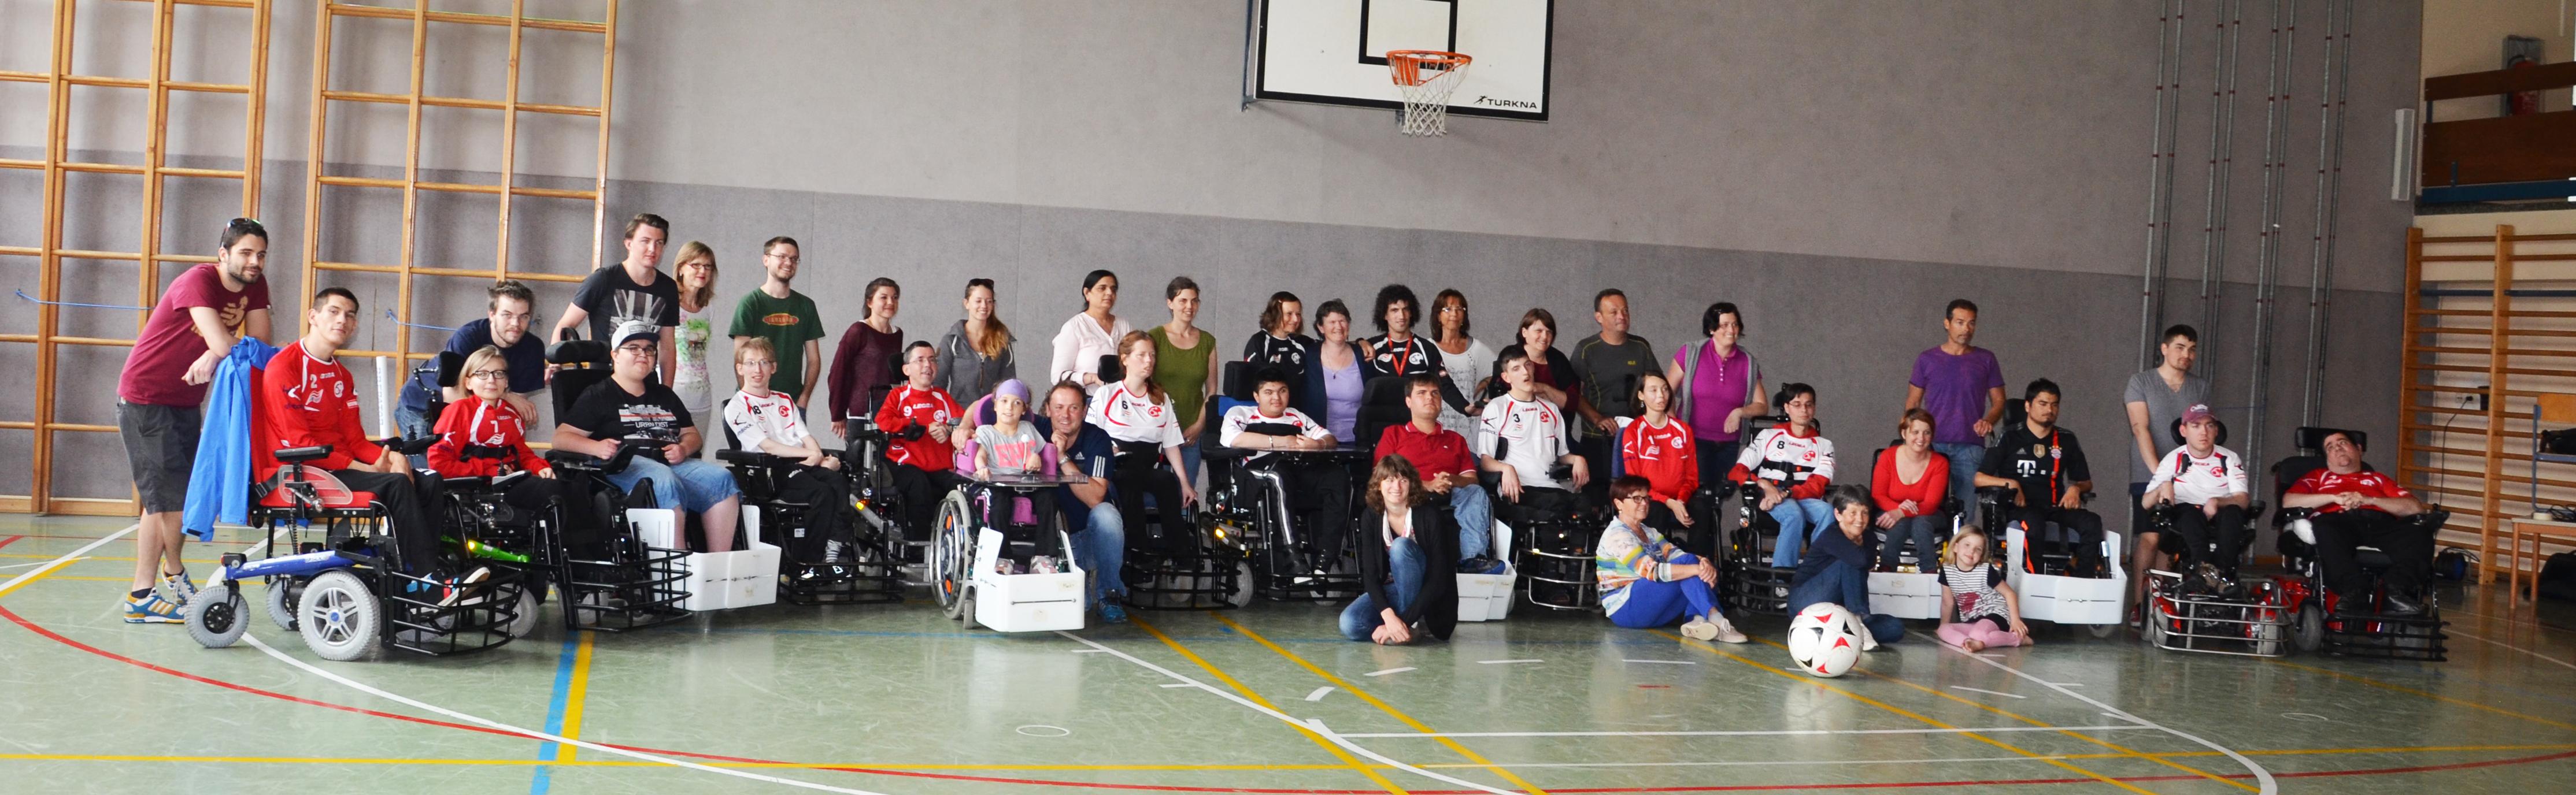 Einführungsworkshop in Salzburg am 25.04.2015